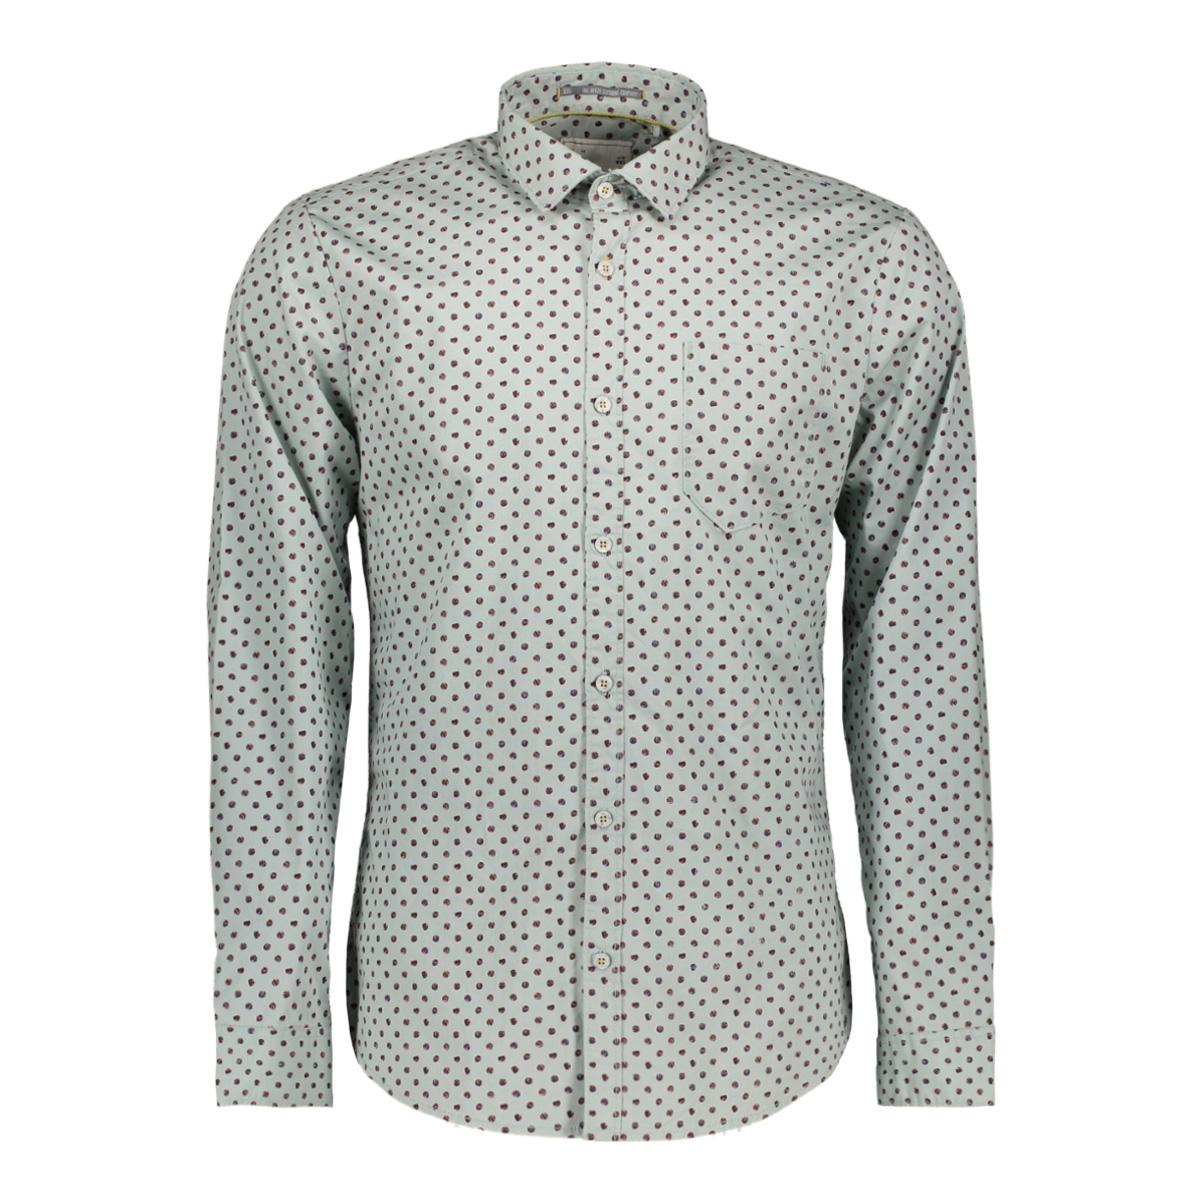 87450802s no-excess overhemd 019 zinc